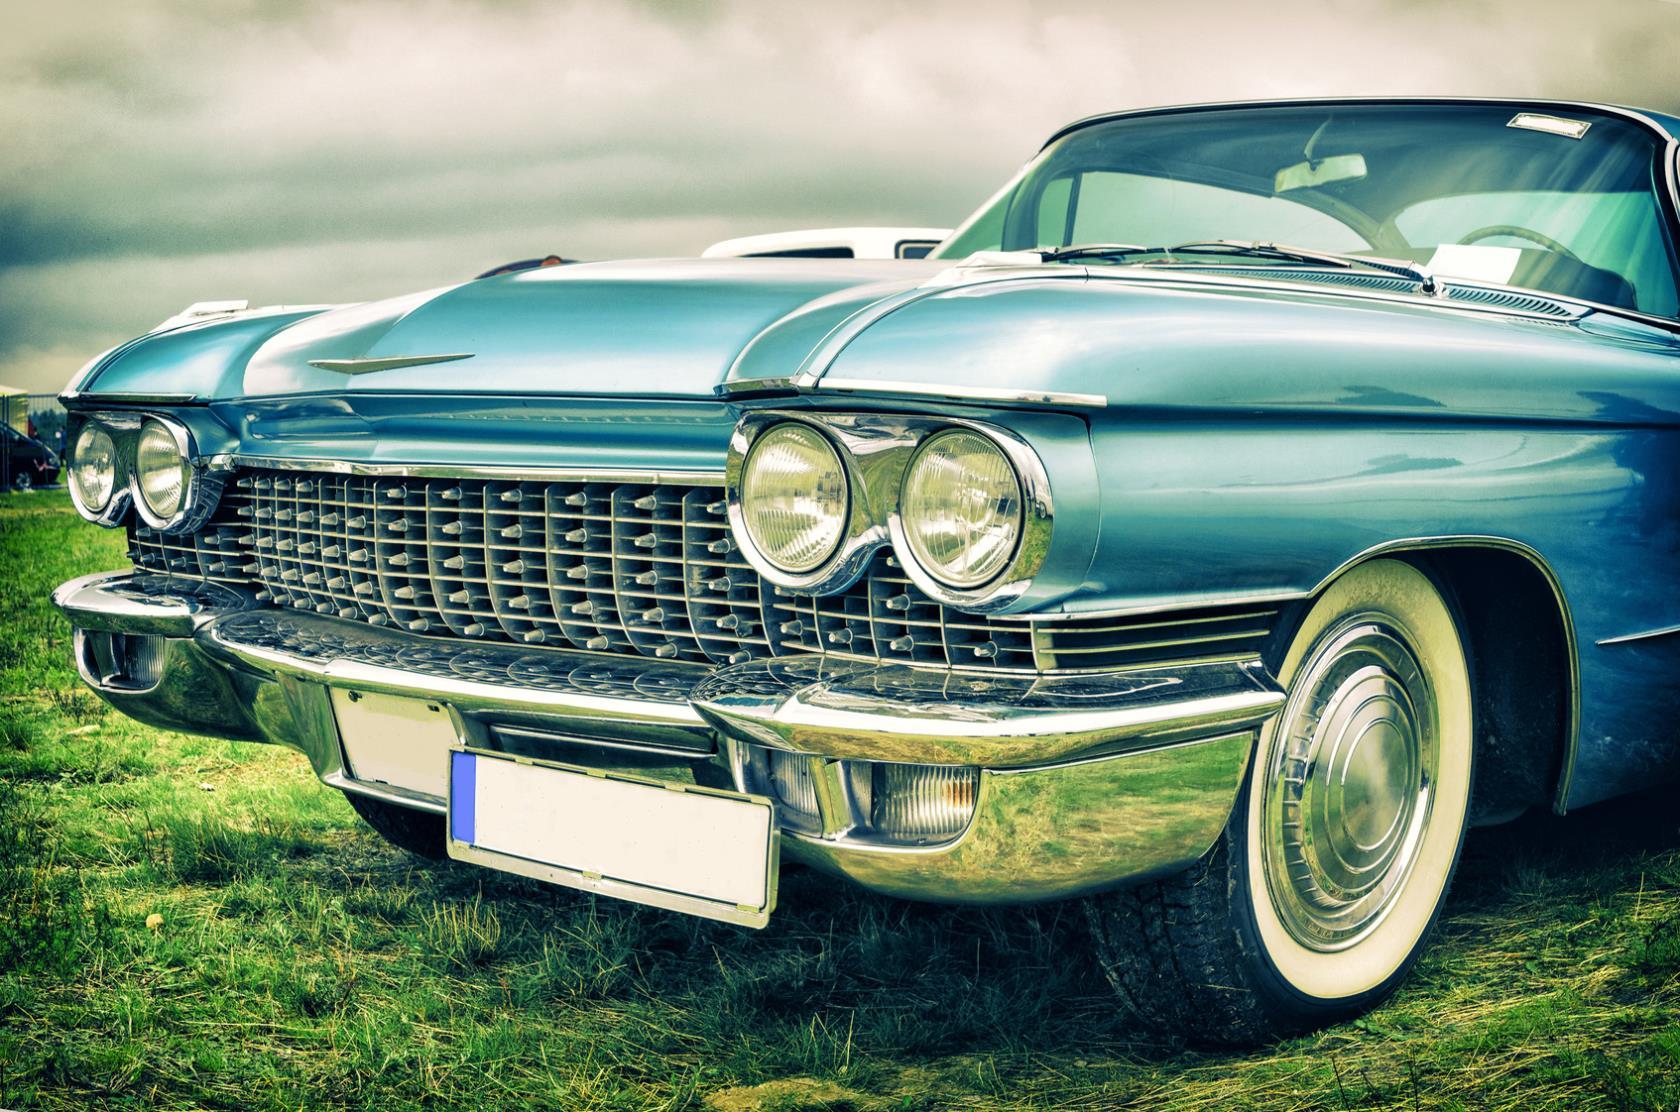 restauro di automobili